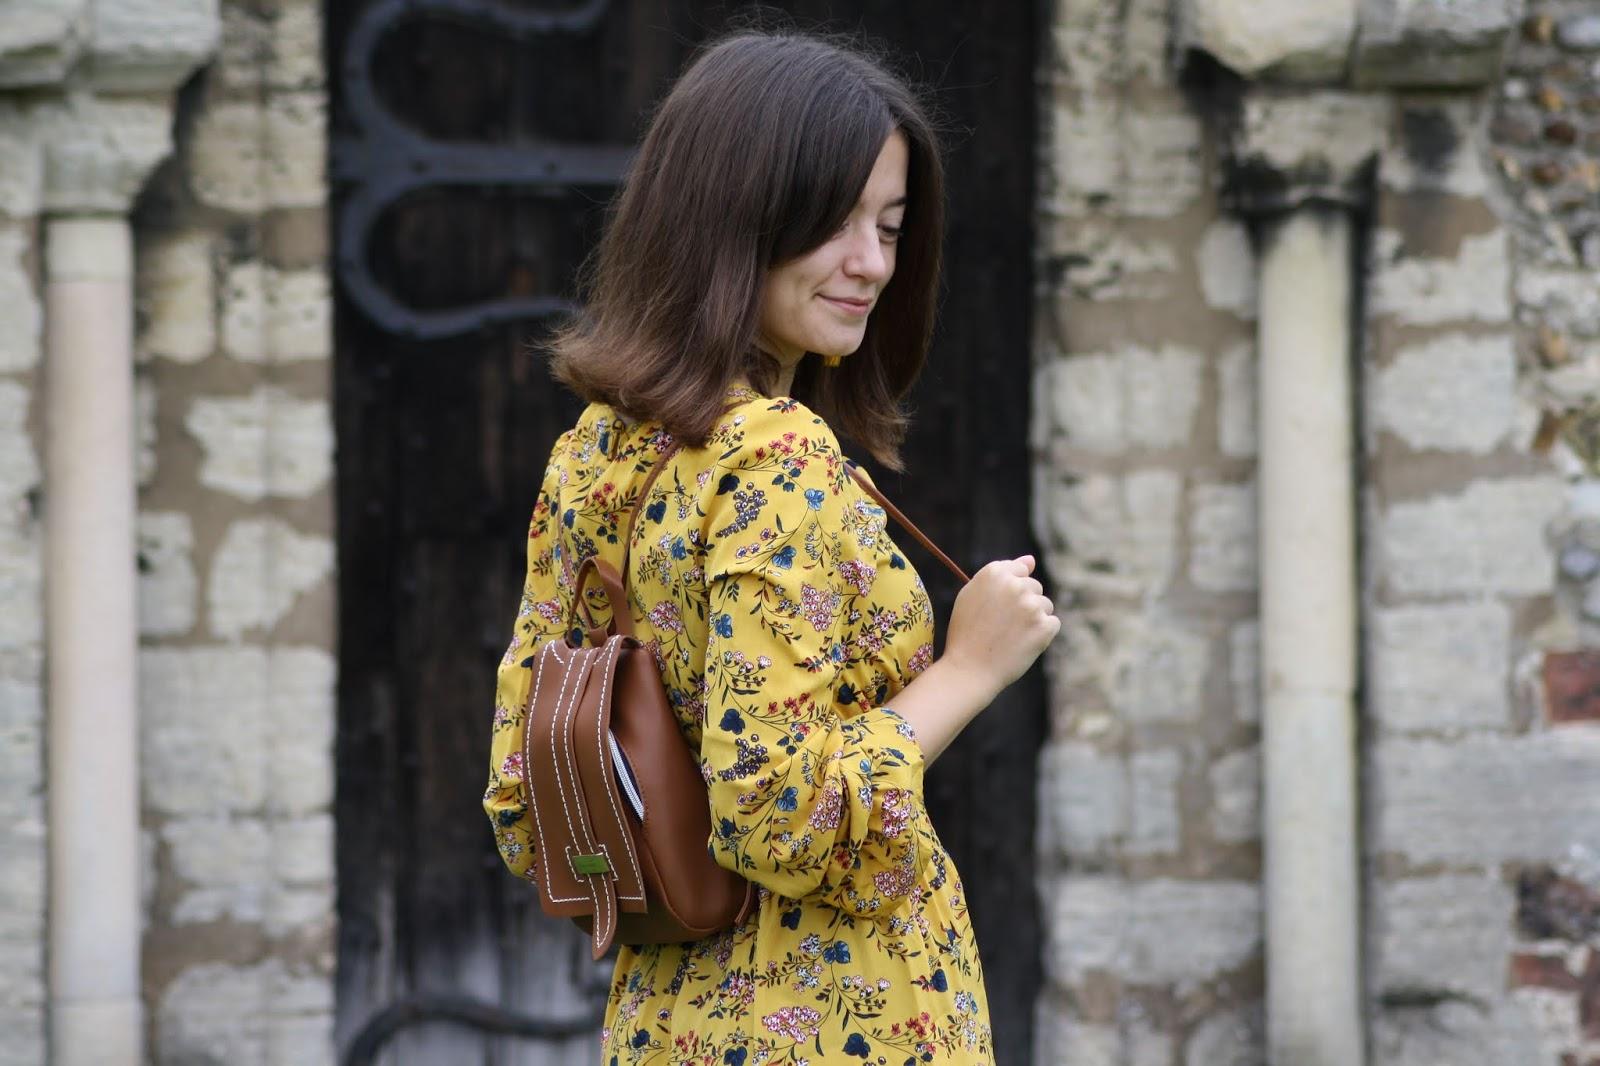 womens fall fashion autumn clothes